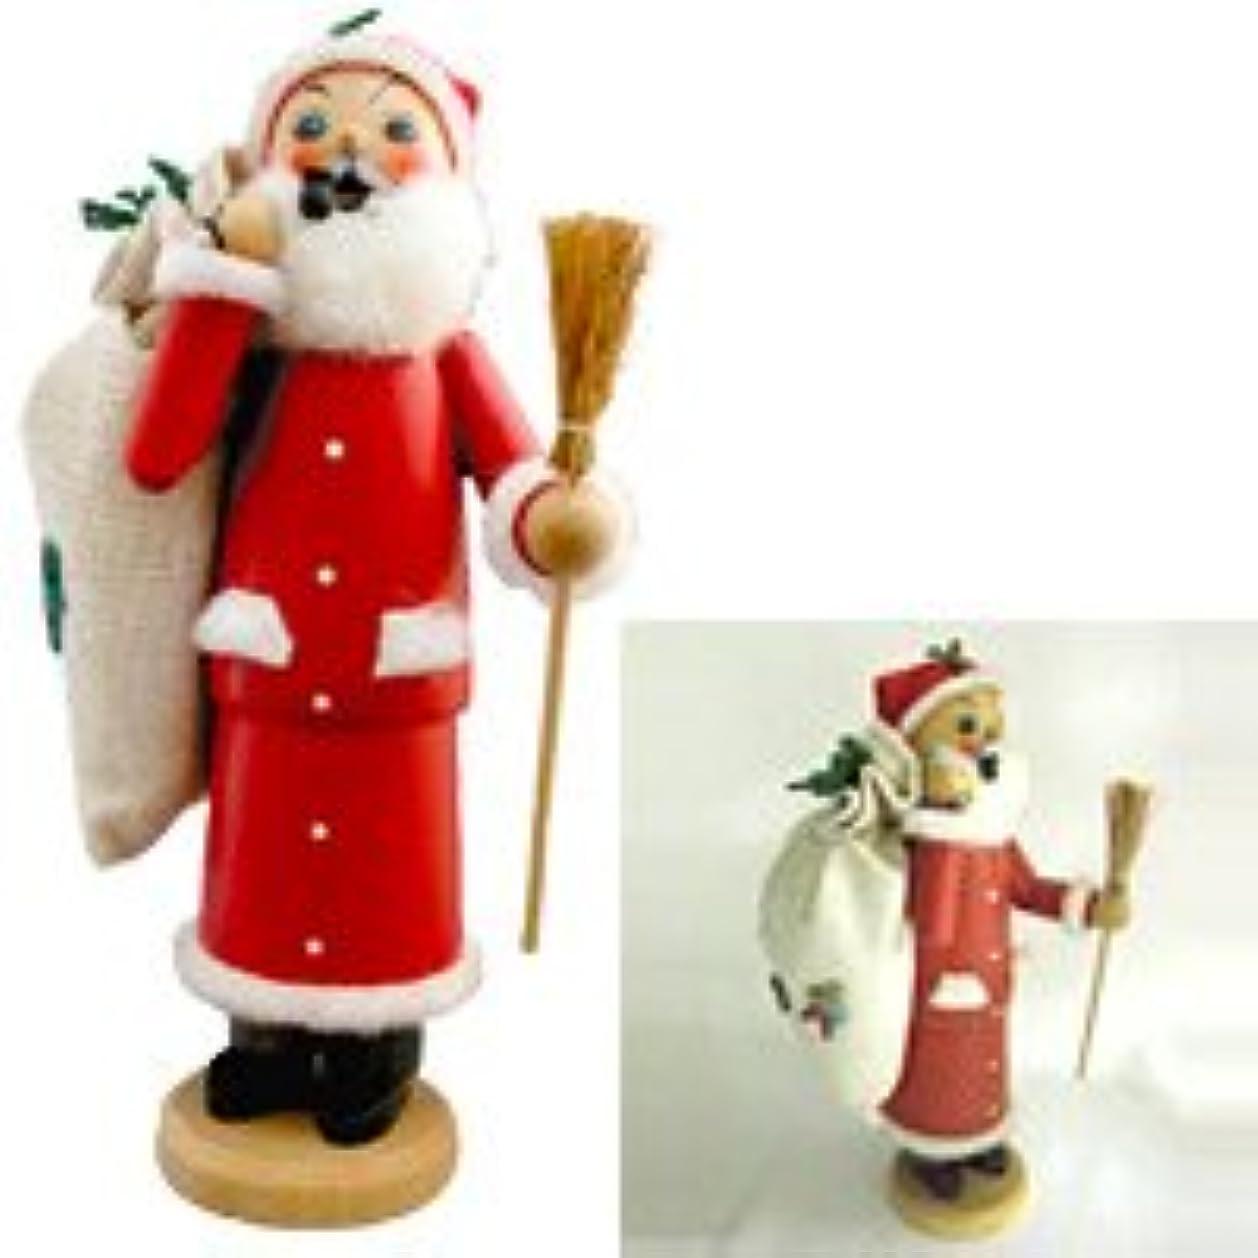 疲労シンボルビジュアルインセンススタンド(香皿) パイプ人形 サンタクロース 【クーネルト】